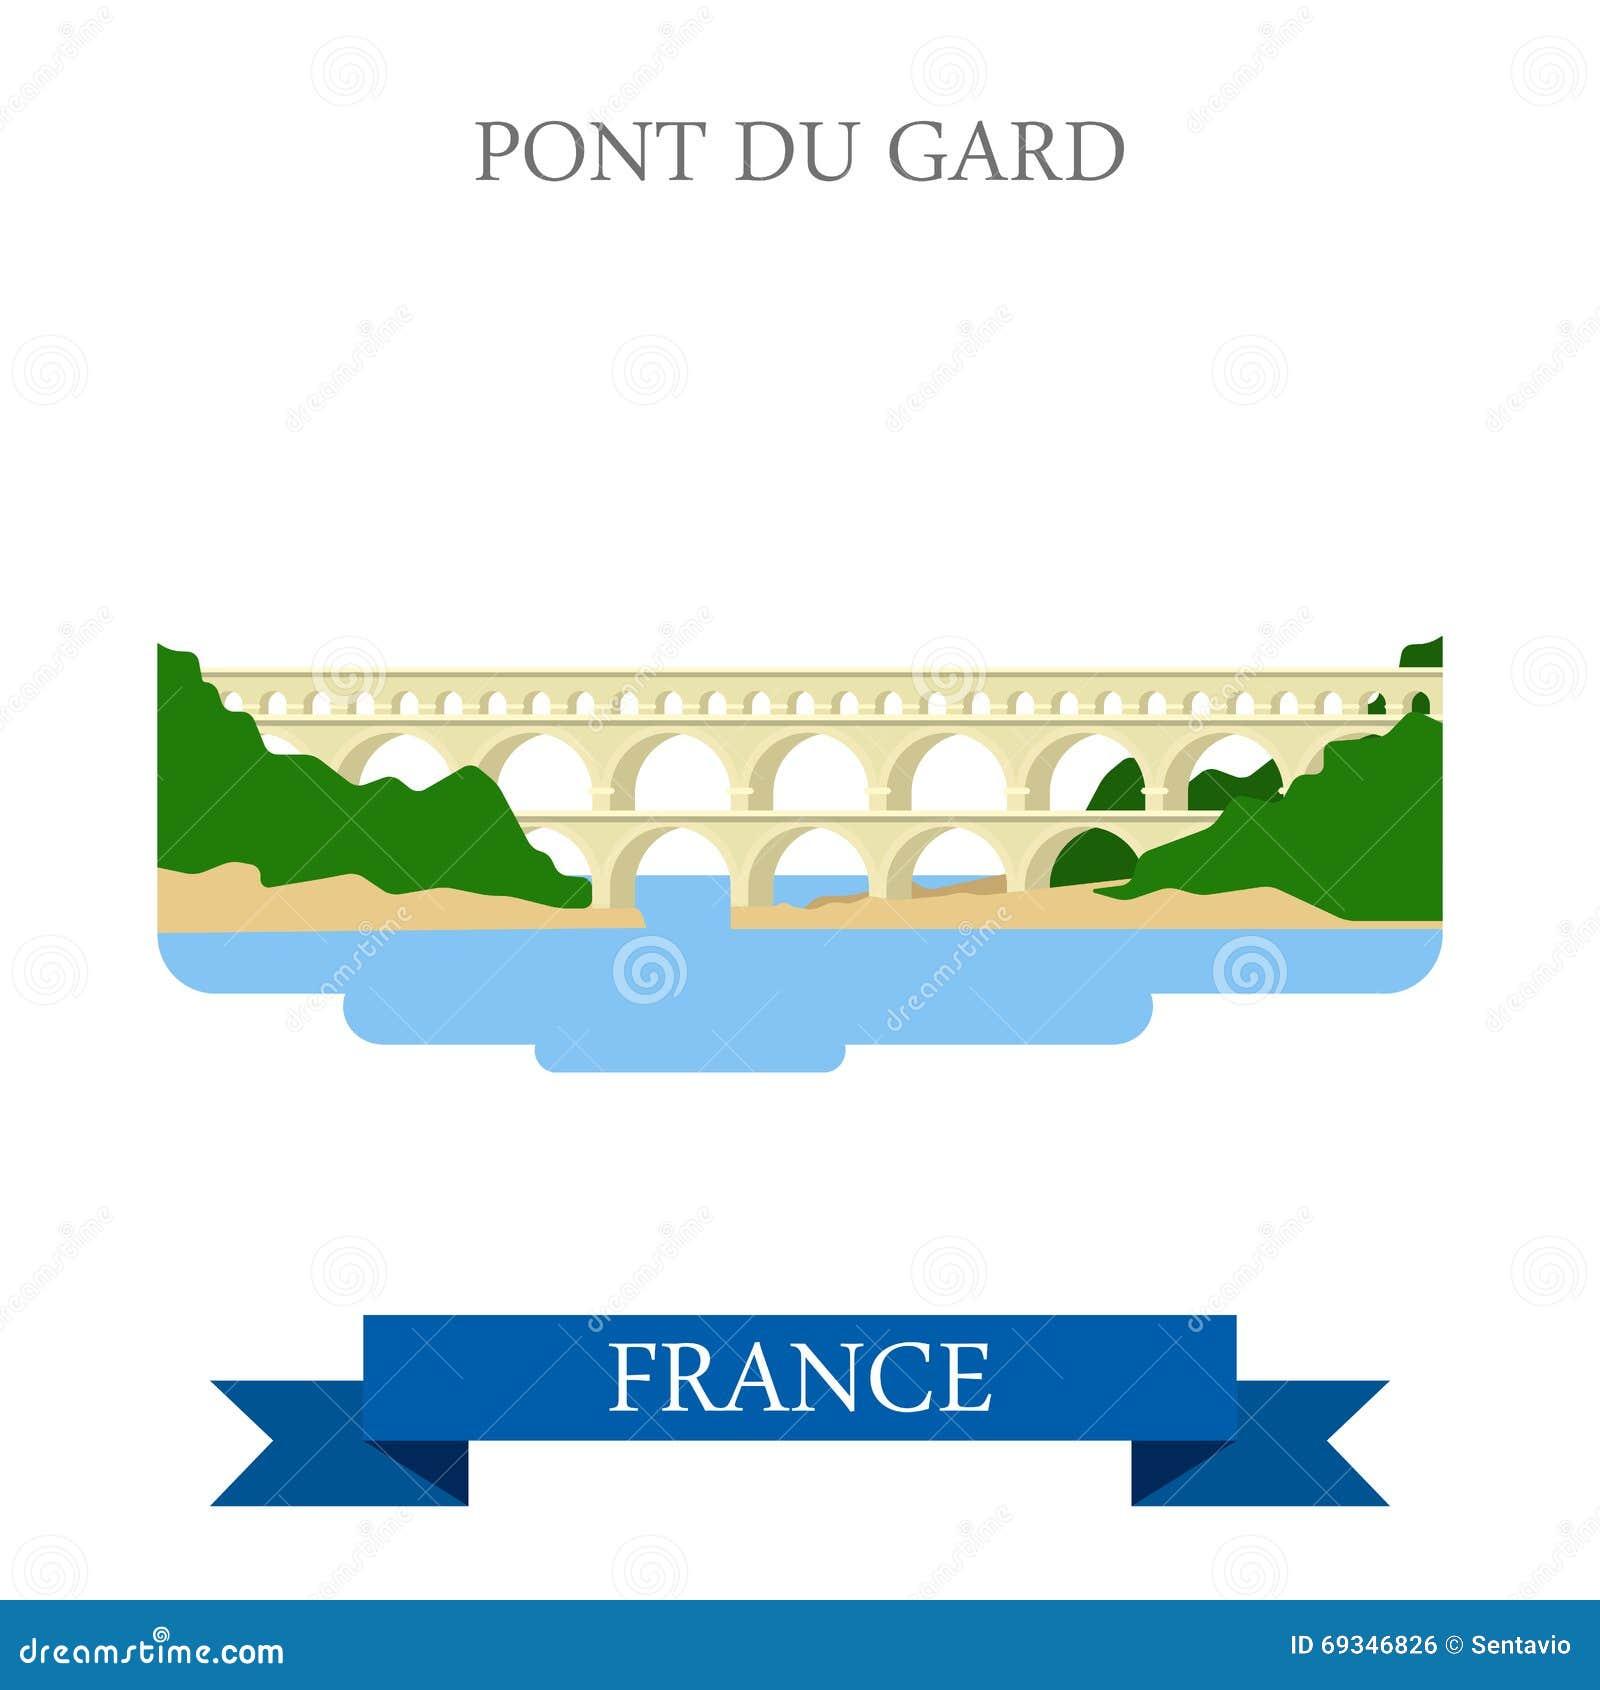 Pont du Gard w Francja przyciągania widoku płaskim wektorowym punkcie zwrotnym